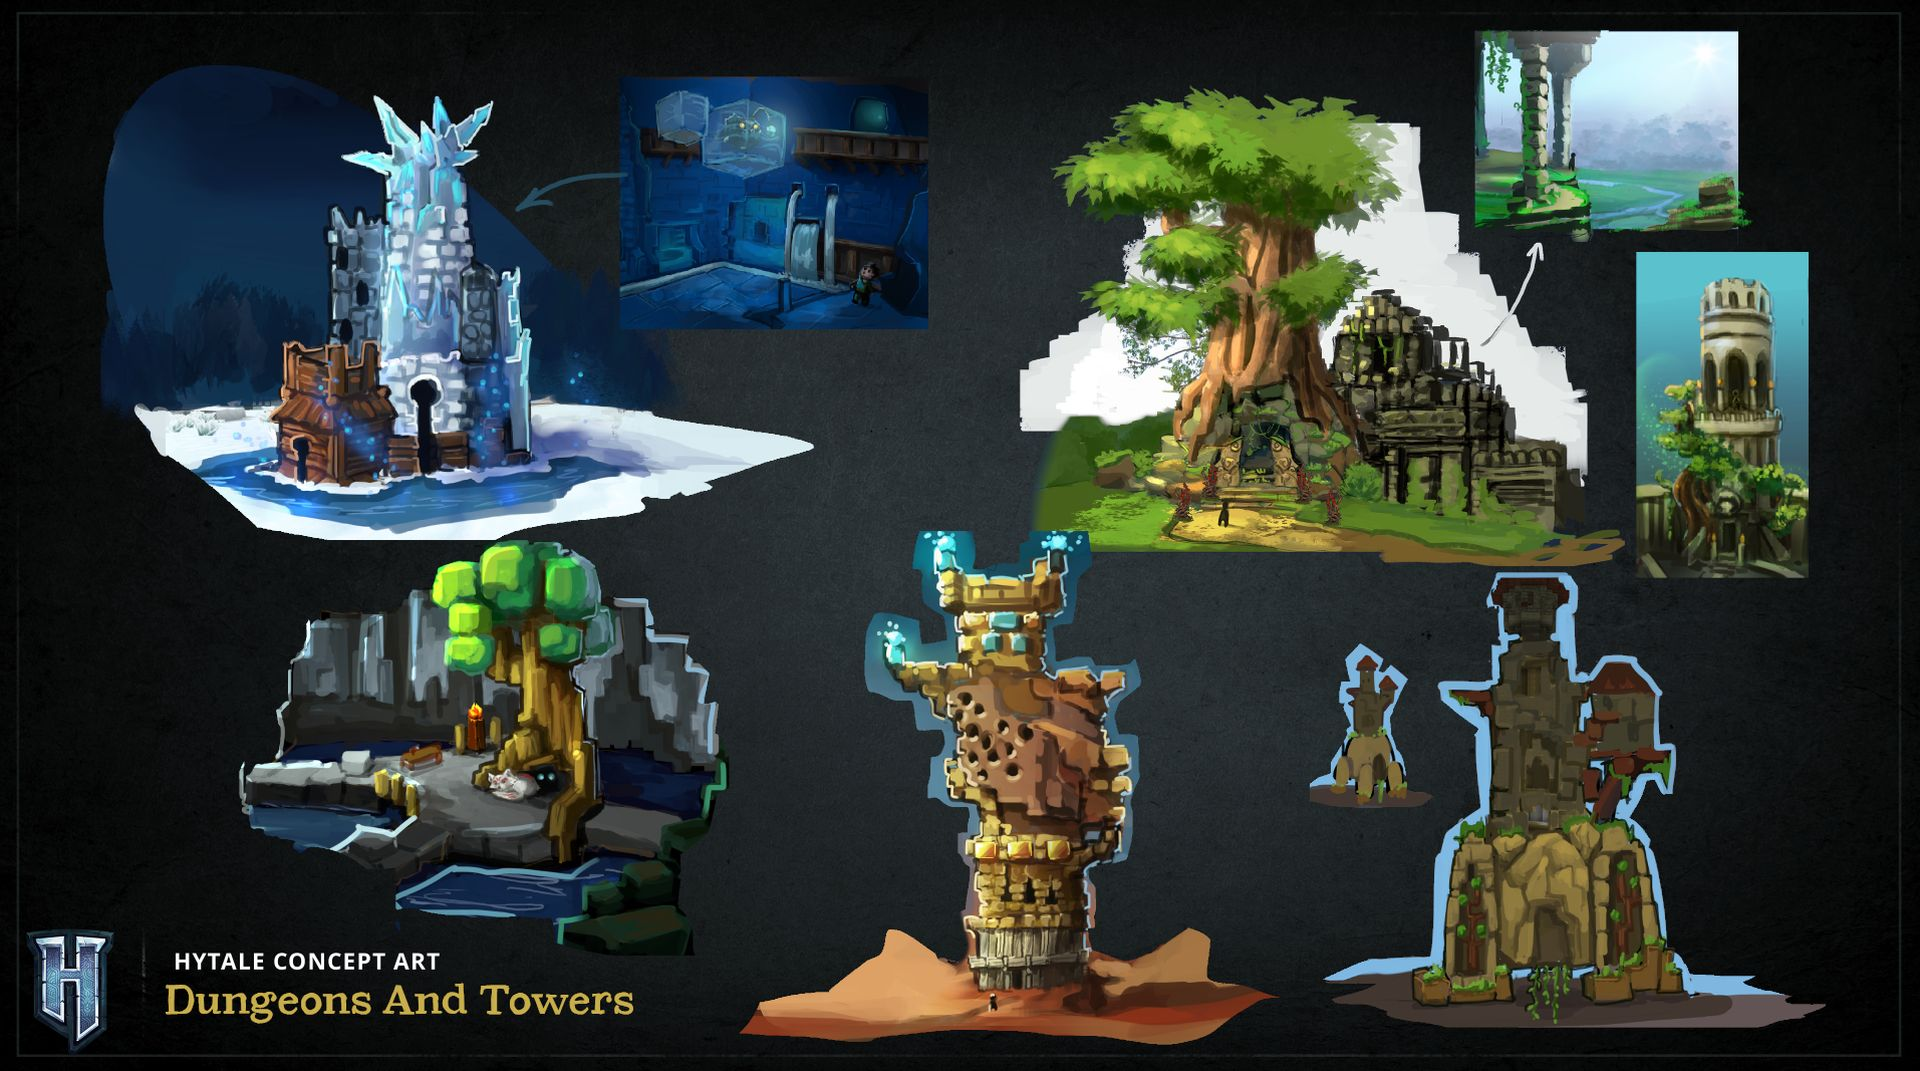 Aperçu des donjons et des tours dans Hytale